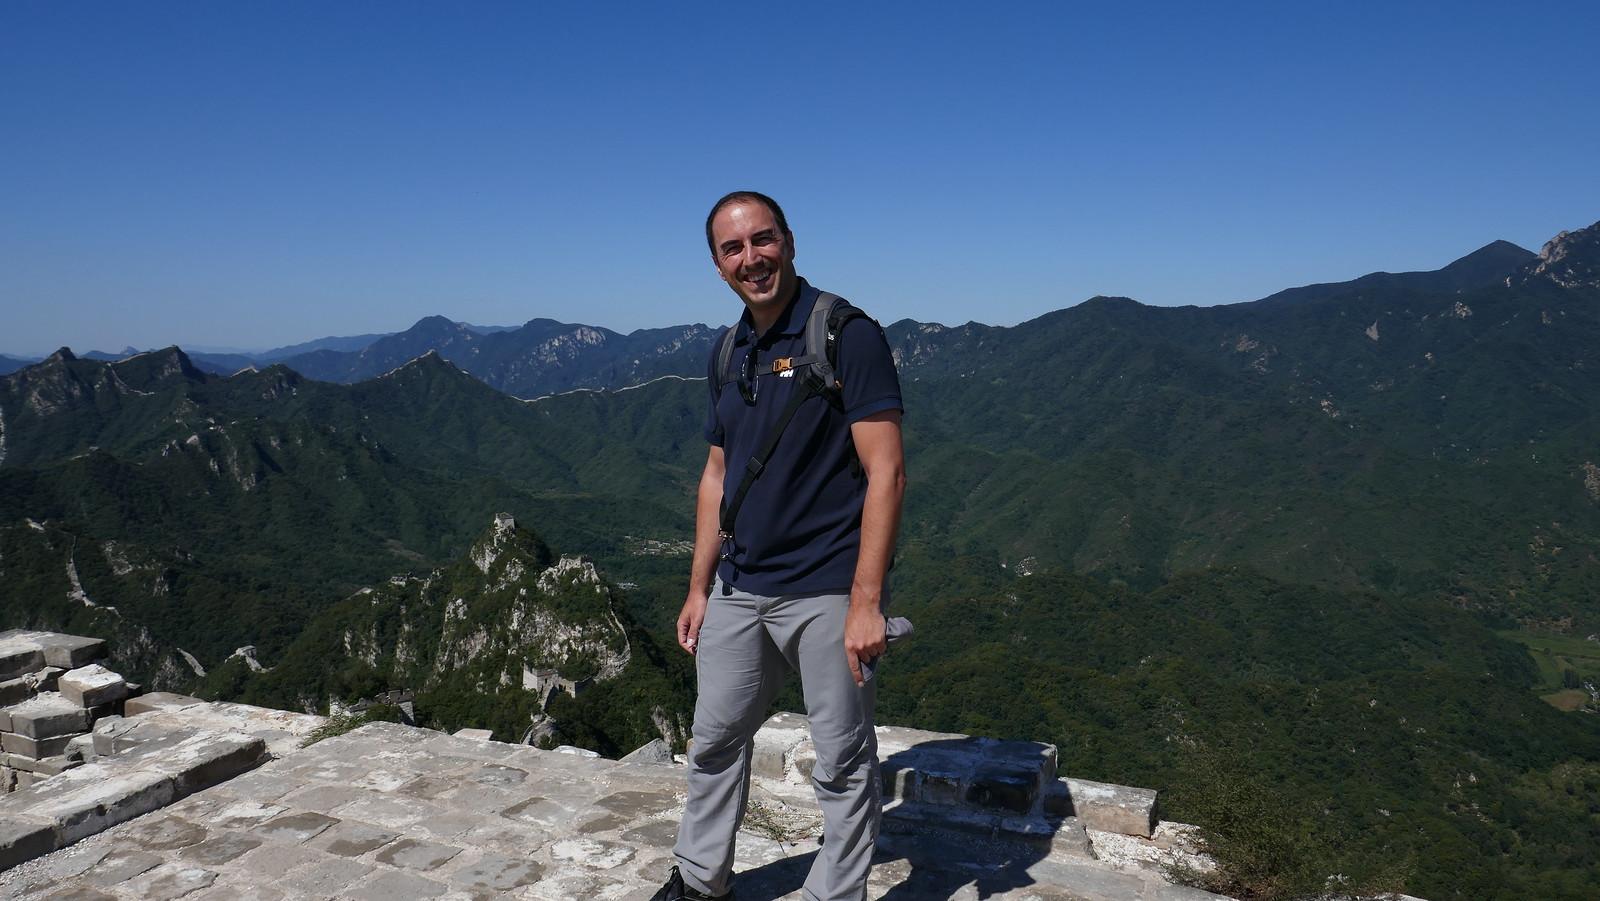 Increíbles vistas desde la Torre de Zhengbeilou, viendo cómo la Gram Muralla continúa hacia el Oeste